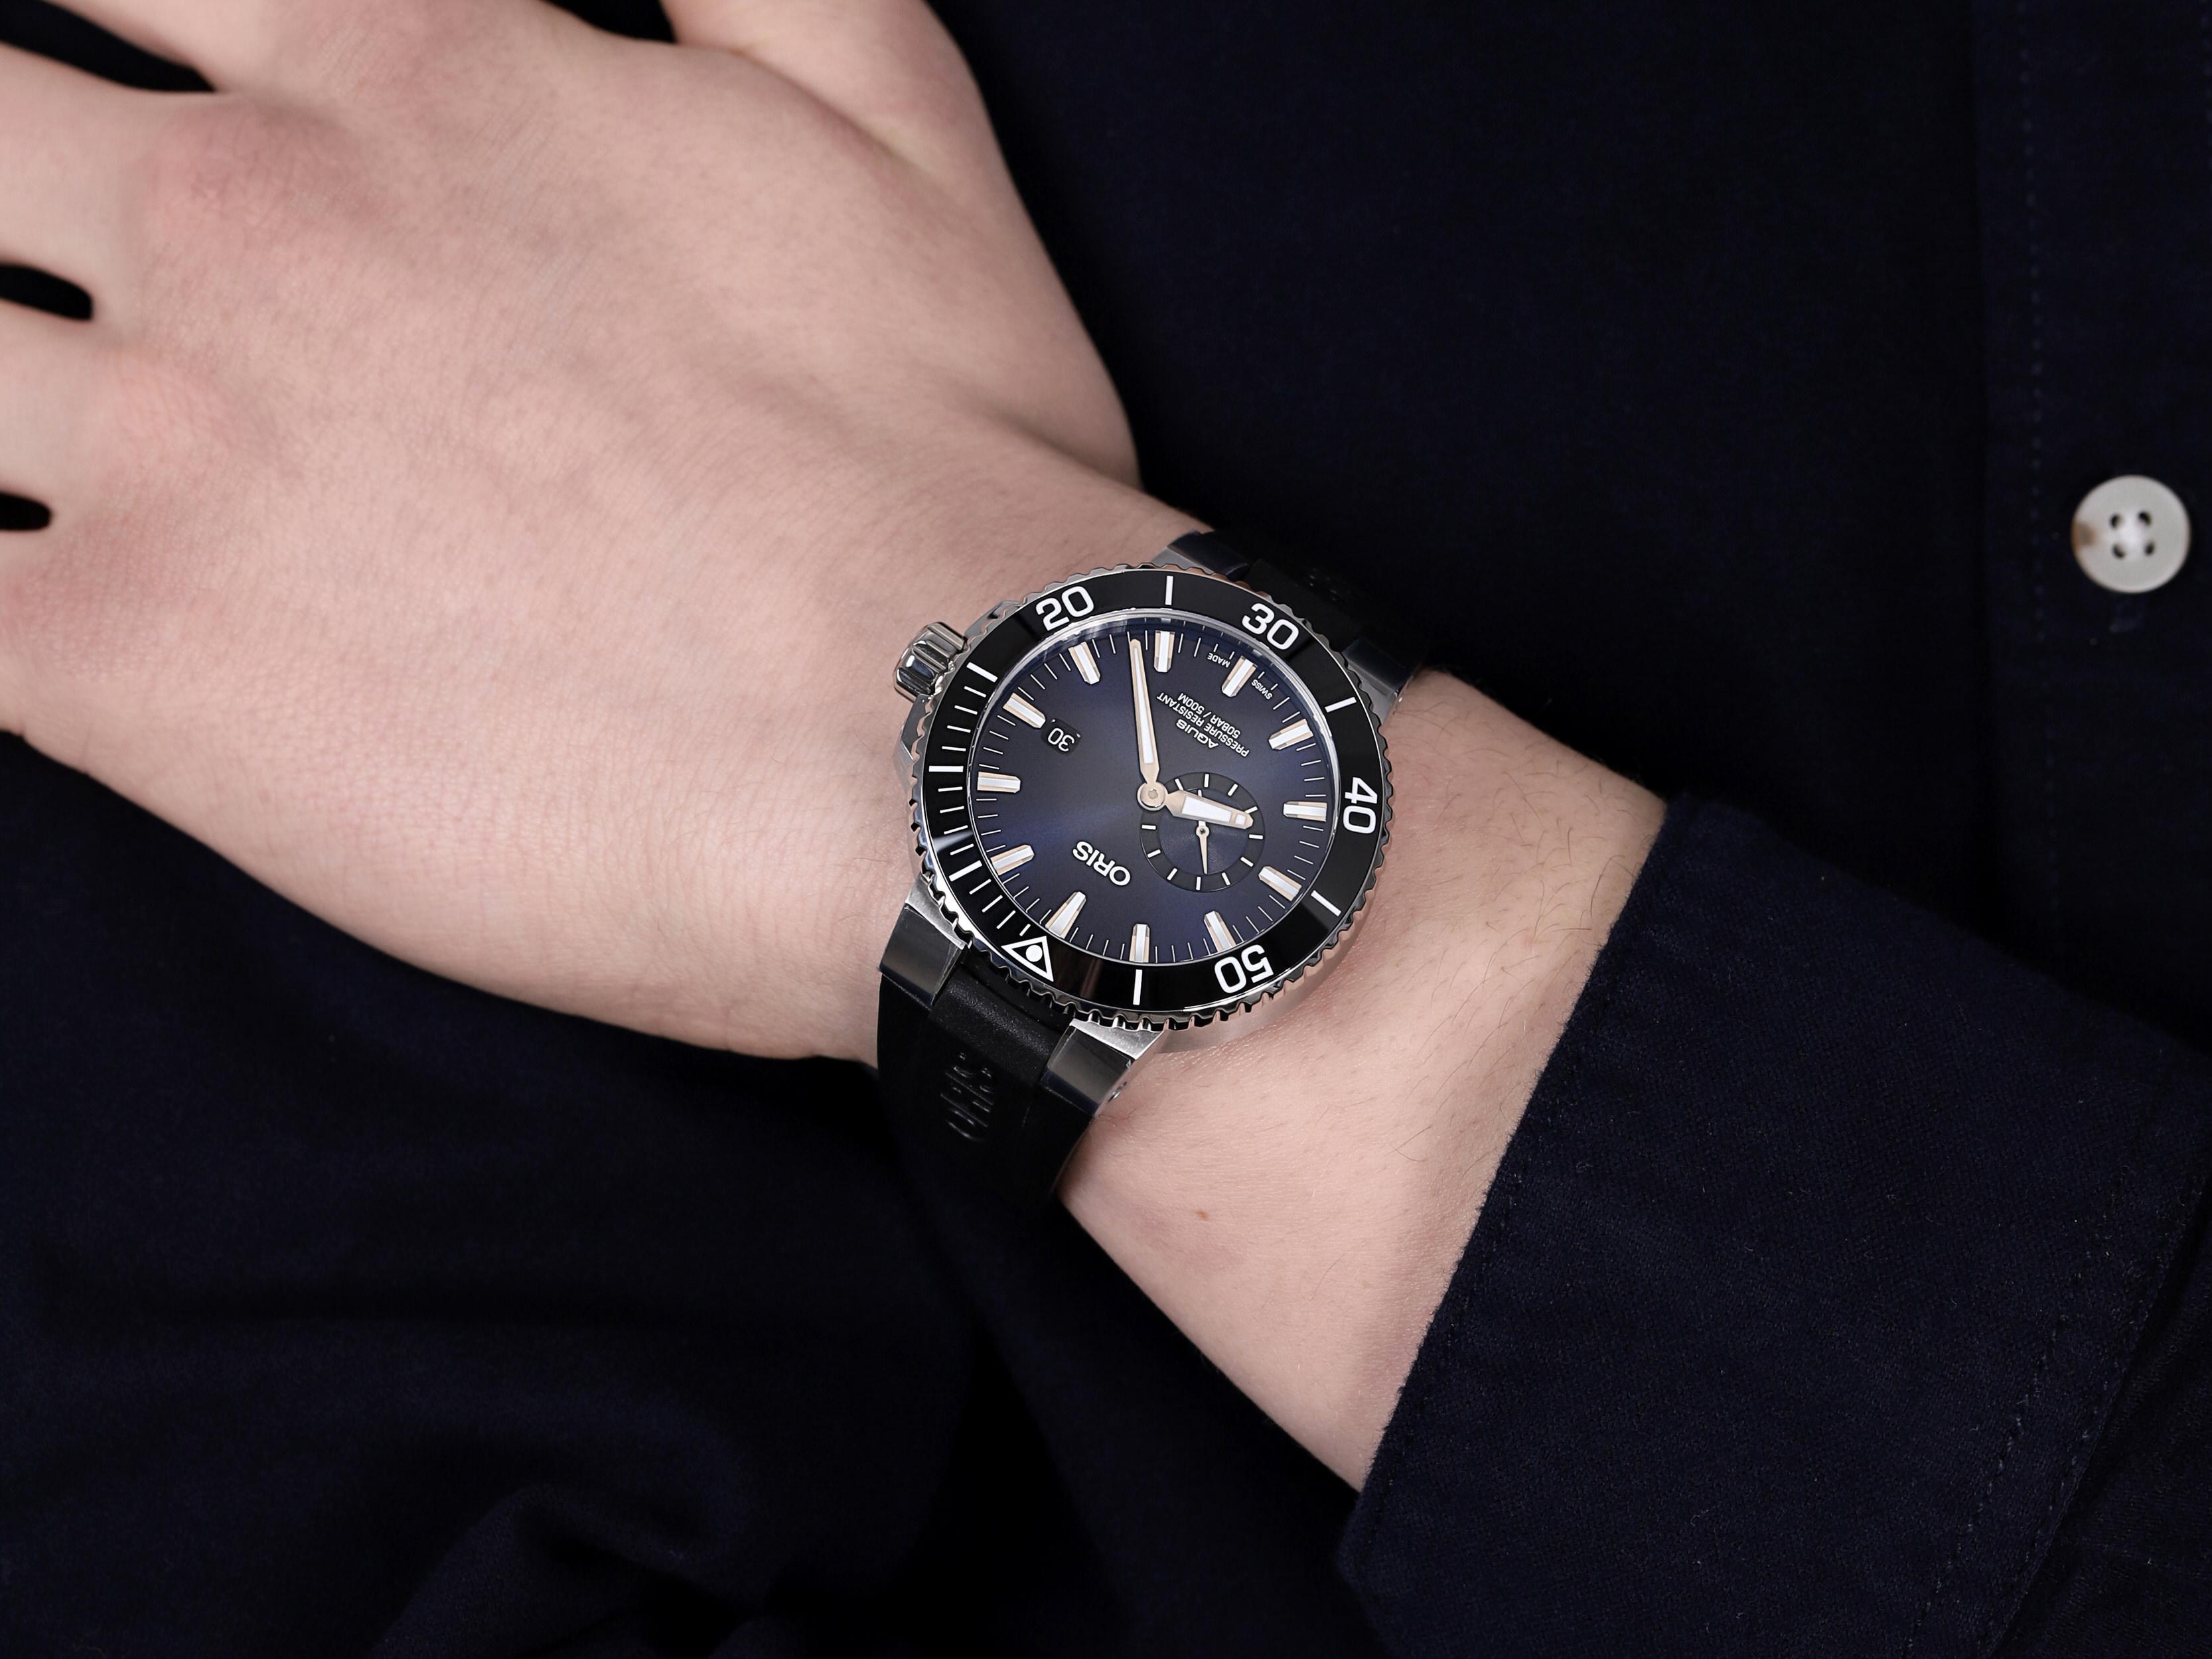 Oris 01 743 7733 4135-07 4 24 64EB męski zegarek Aquis pasek